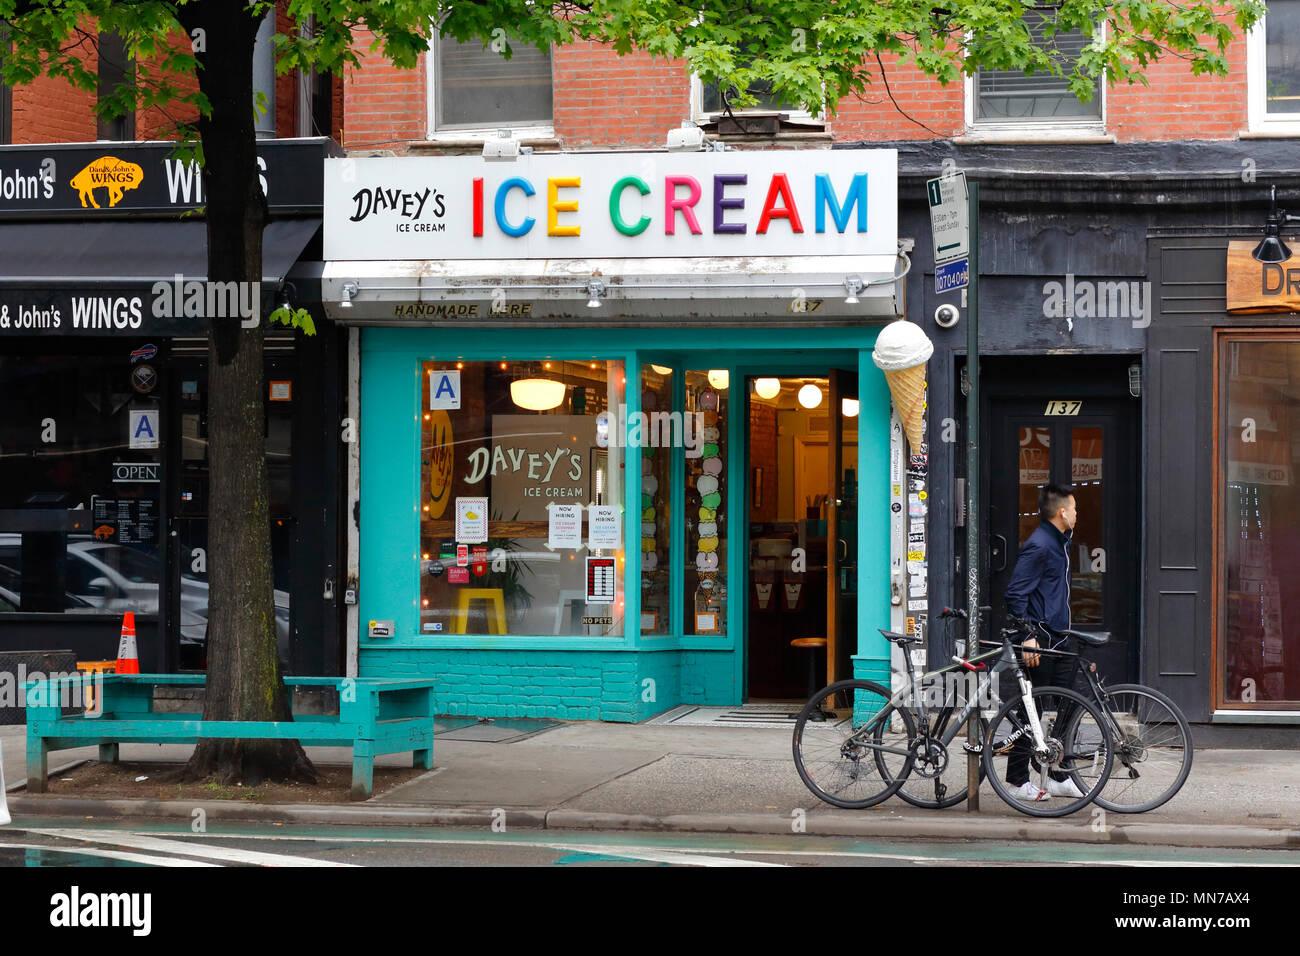 Davey's Ice Cream, 137 1st Avenue, New York, NY - Stock Image